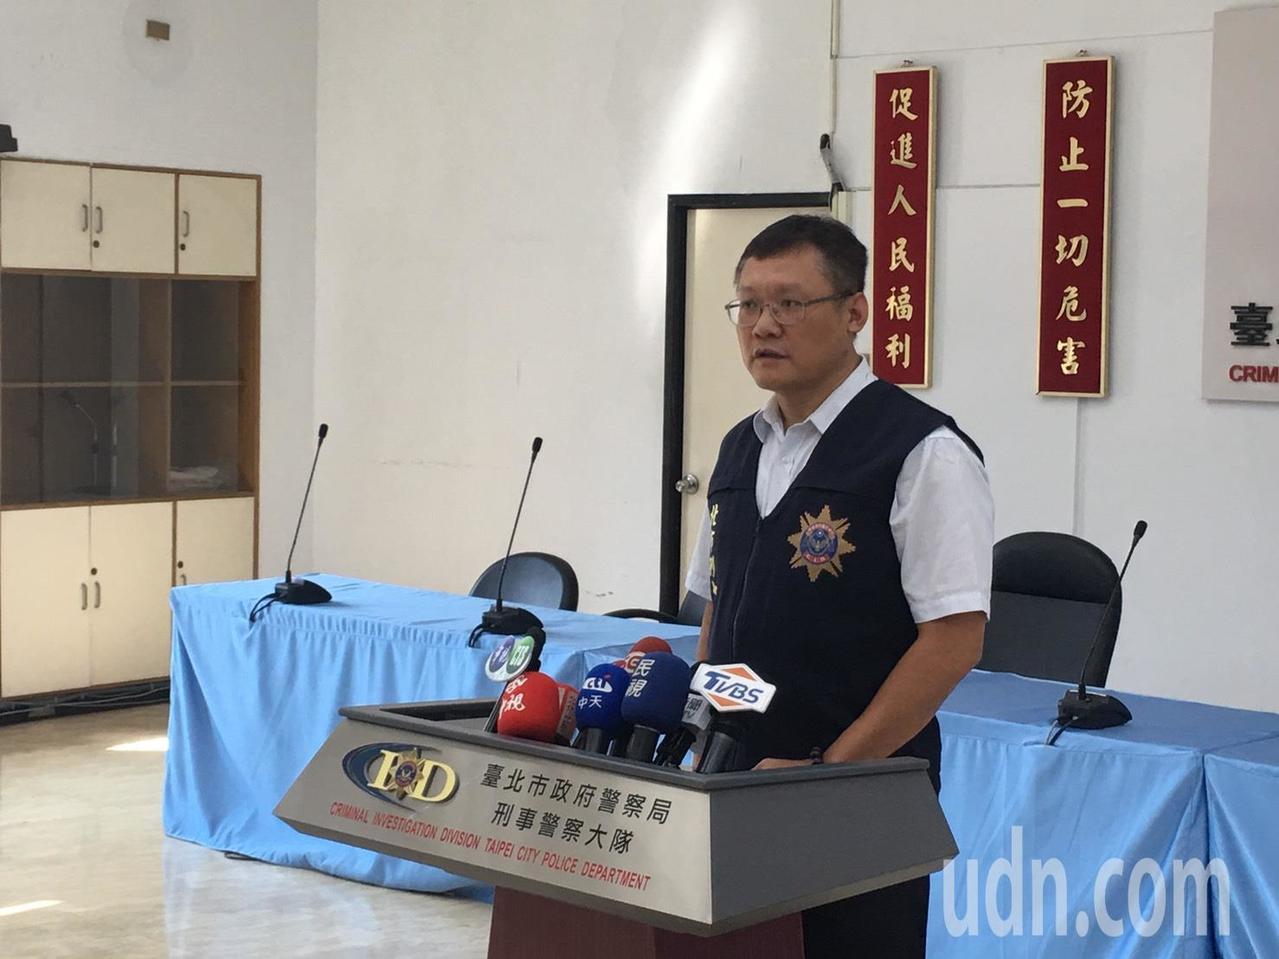 台北市刑警大隊偵五隊隊長胡玉磊。記者李隆揆/攝影